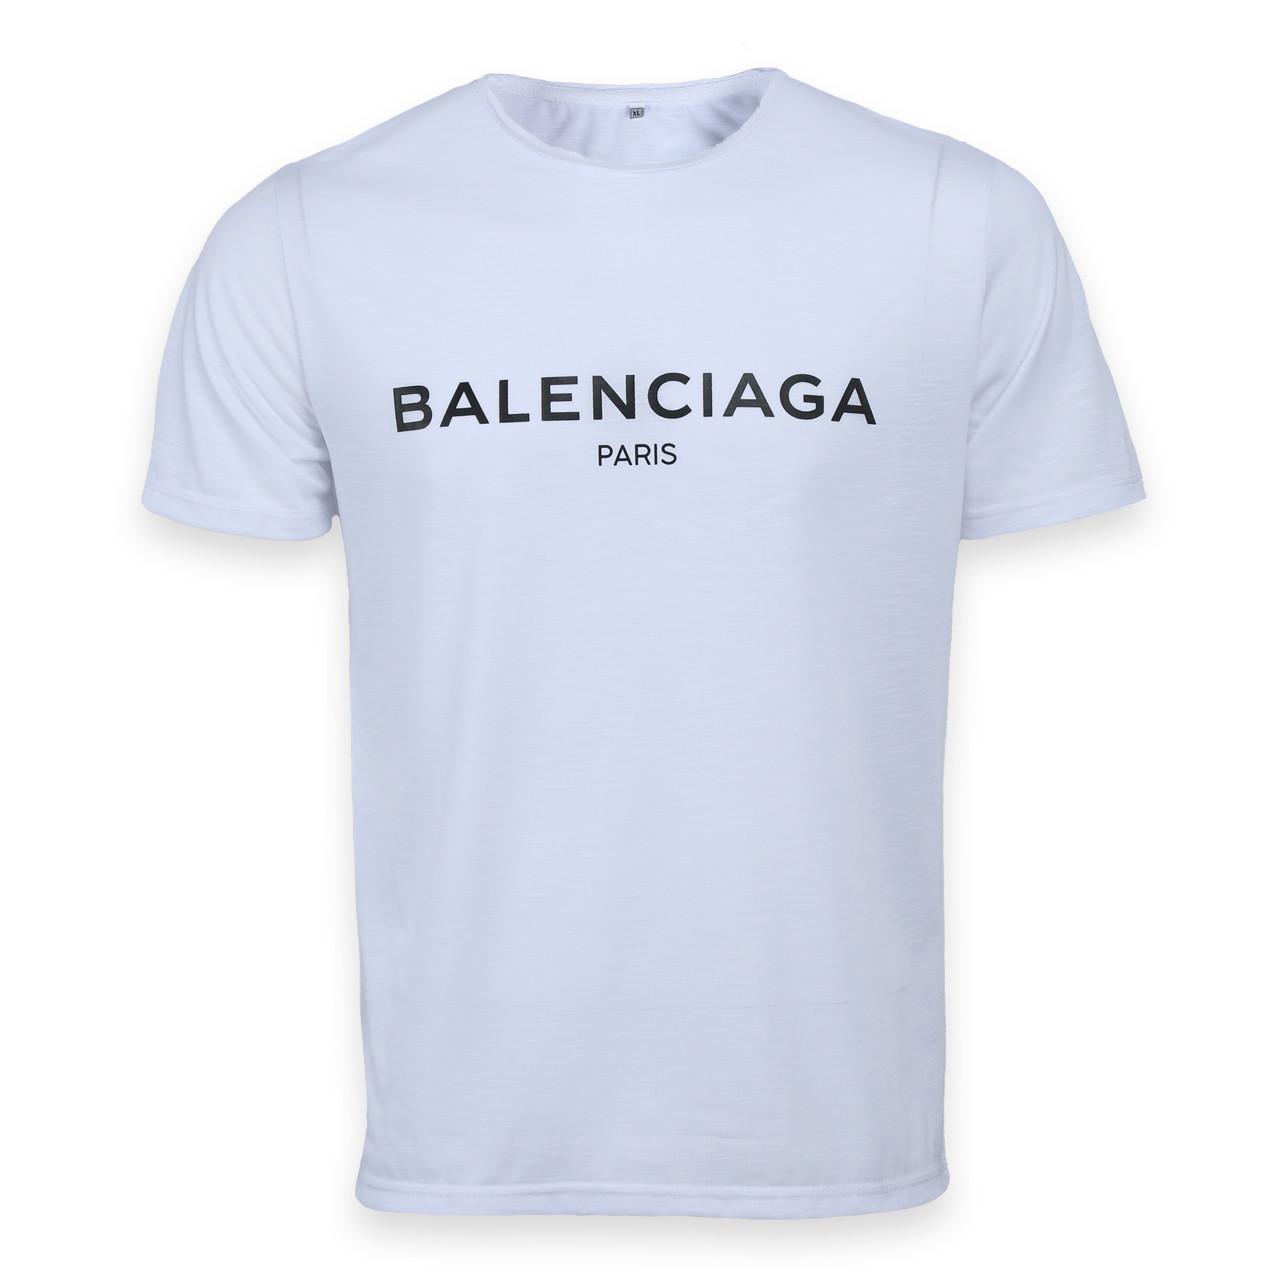 Футболка мужская белая с принтом BALENCIAGA Ф-10 WHT M(Р) 19-646-021